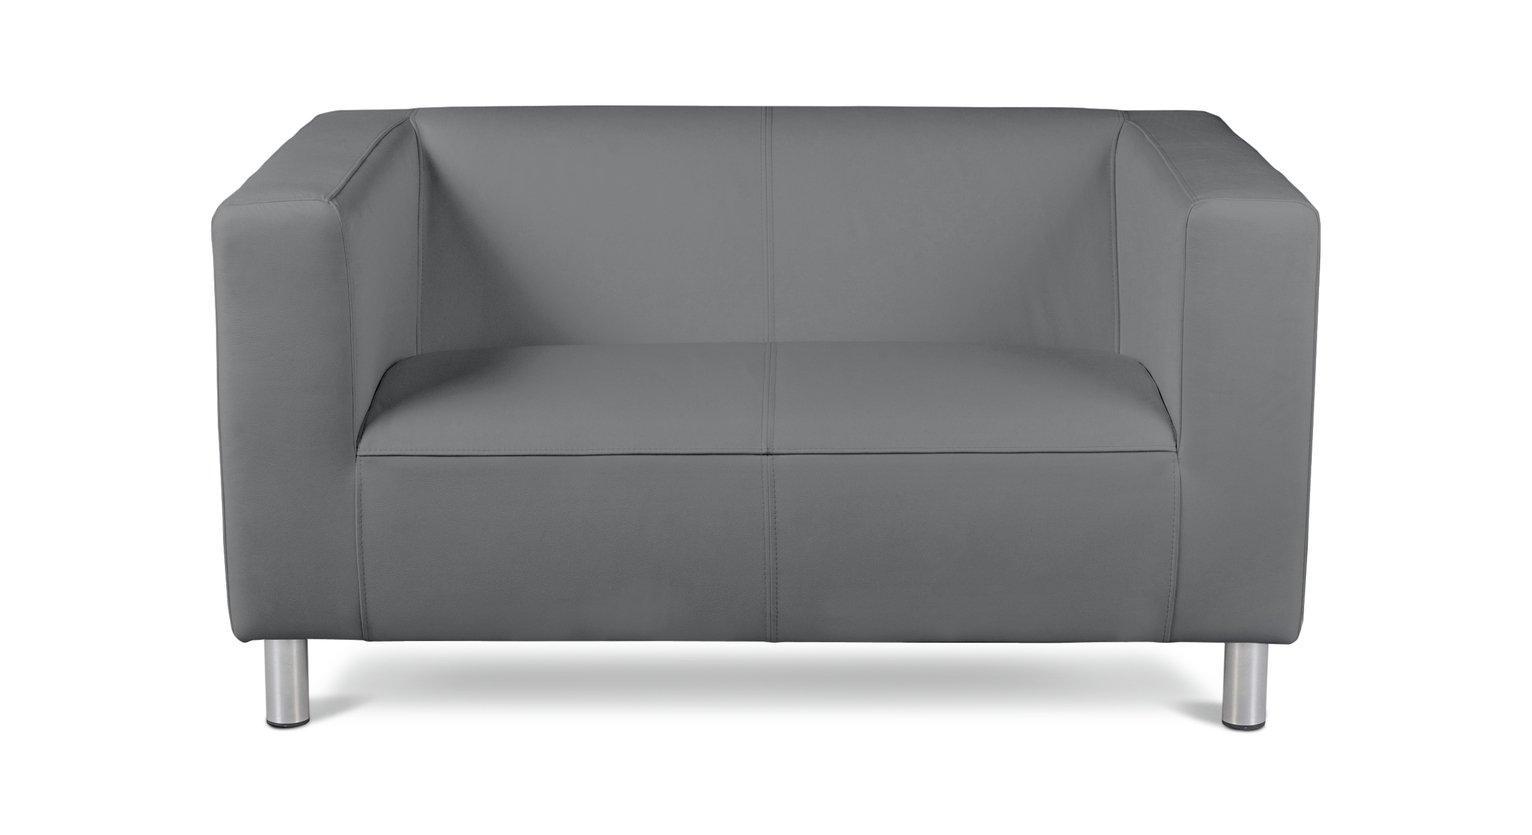 Buy Argos Home Moda Compact 2 Seater Faux Leather Sofa   Grey | Sofas |  Argos